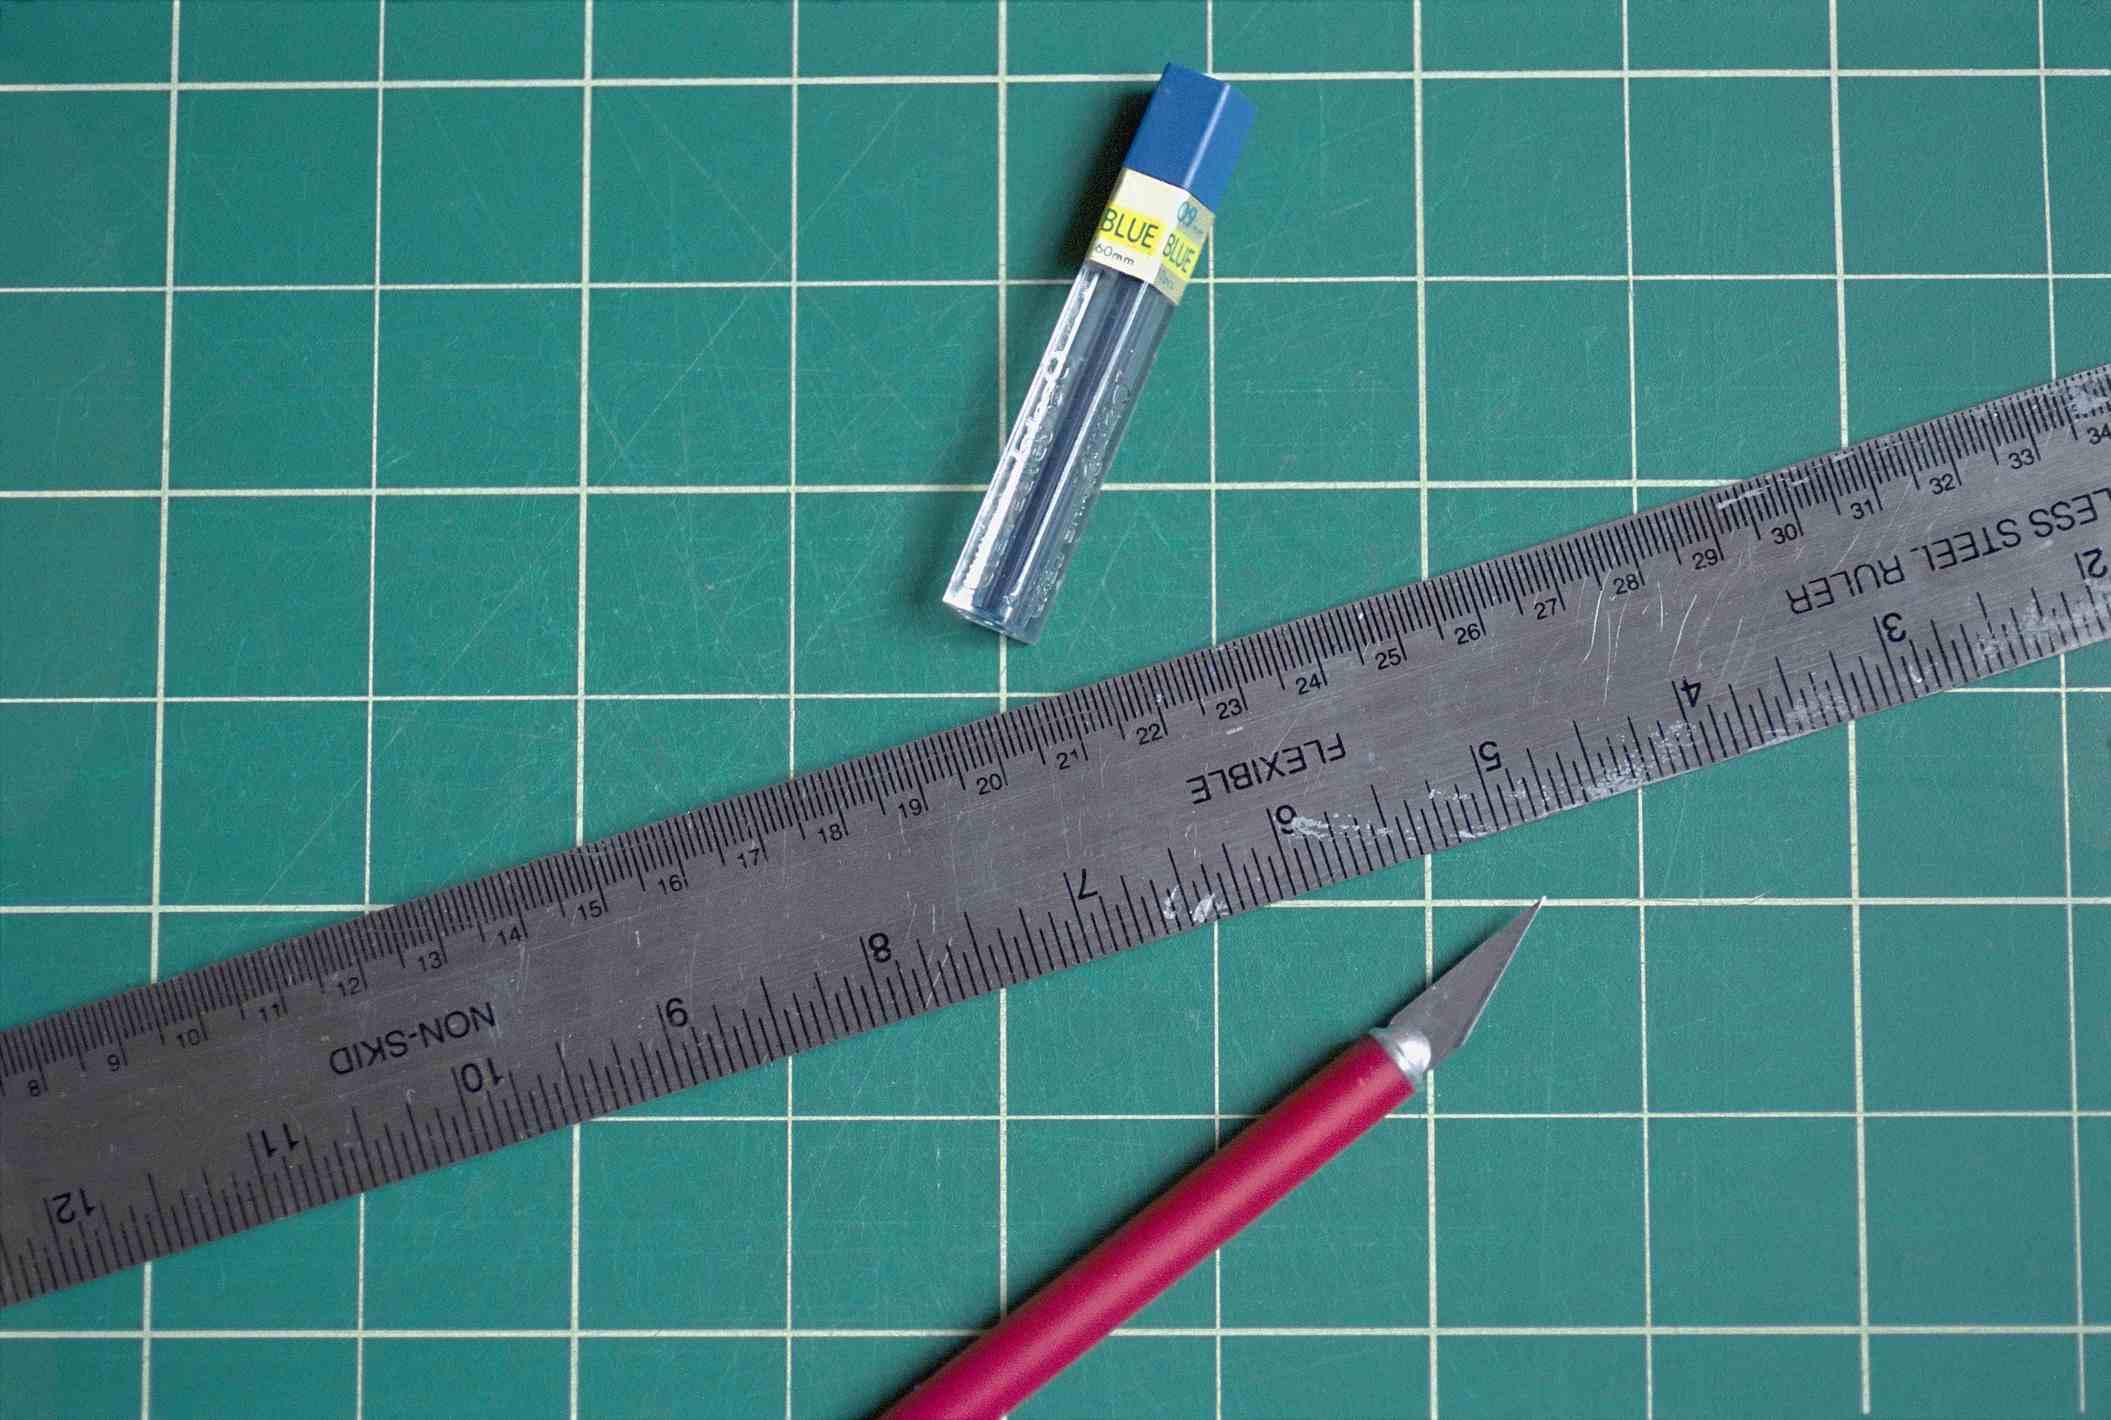 Exacto knive